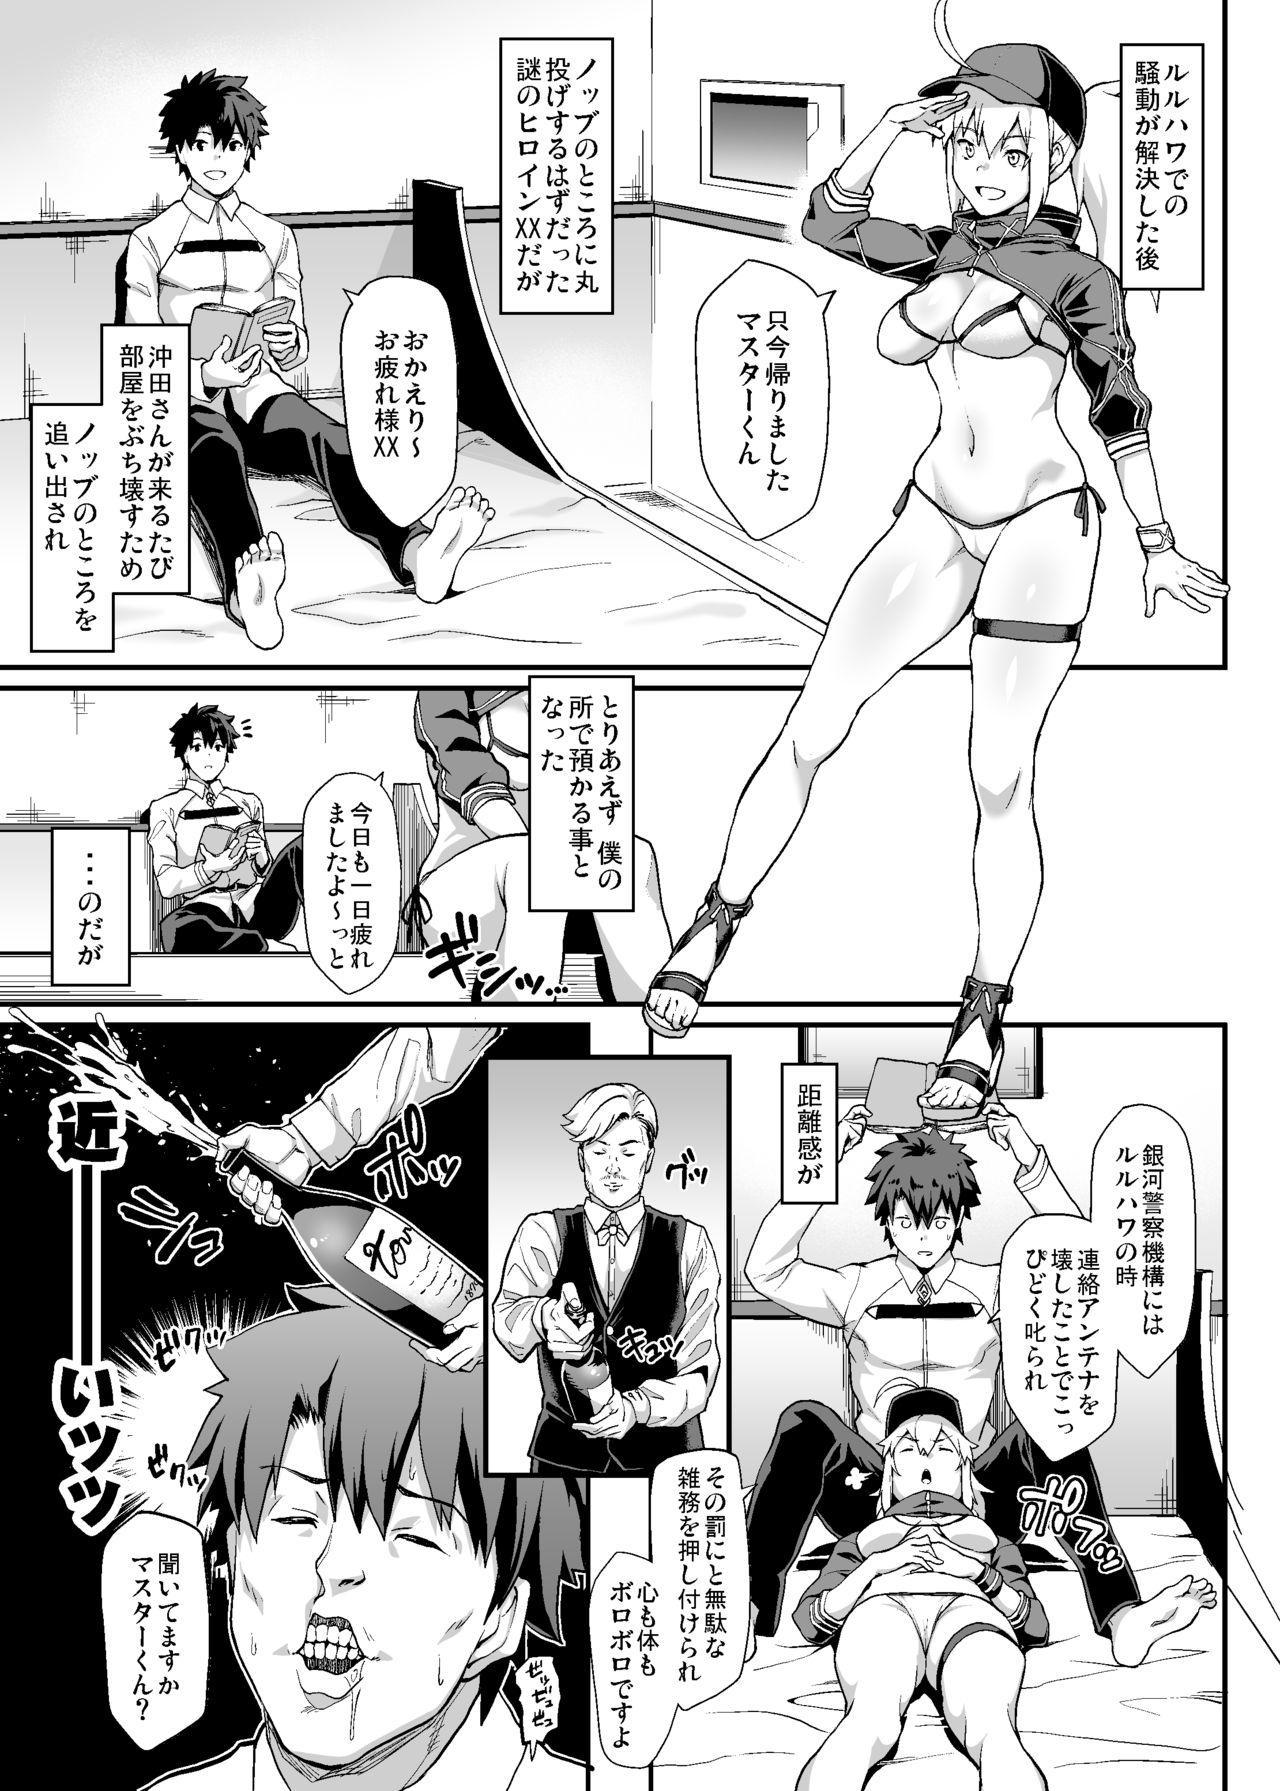 Sore wa Kyorikan ga Chikasugiru Heroine XX ga Warui yo 1